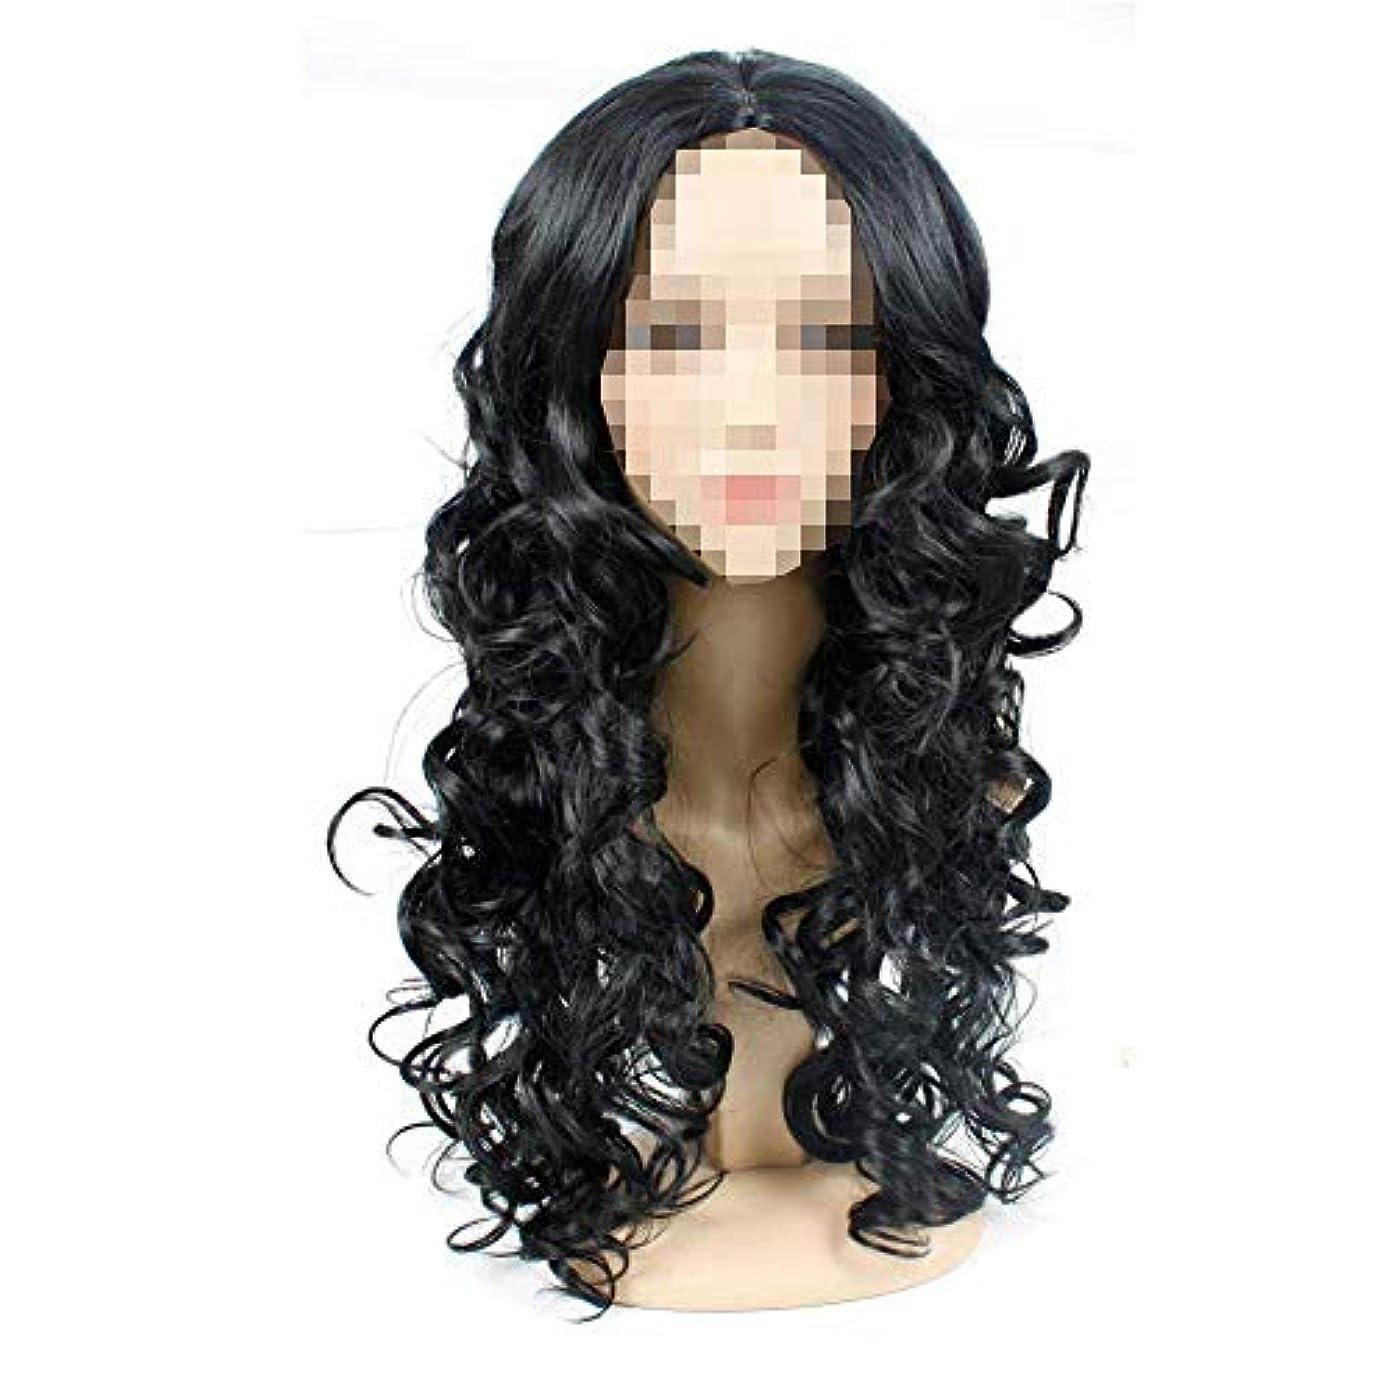 ハッチ話をするストッキングブラックカラーロングウェーブ人工毛ウィッグ女性用コスプレウィッグミディアムロングカーリーヘア耐性髪/ハロウィンパーティー